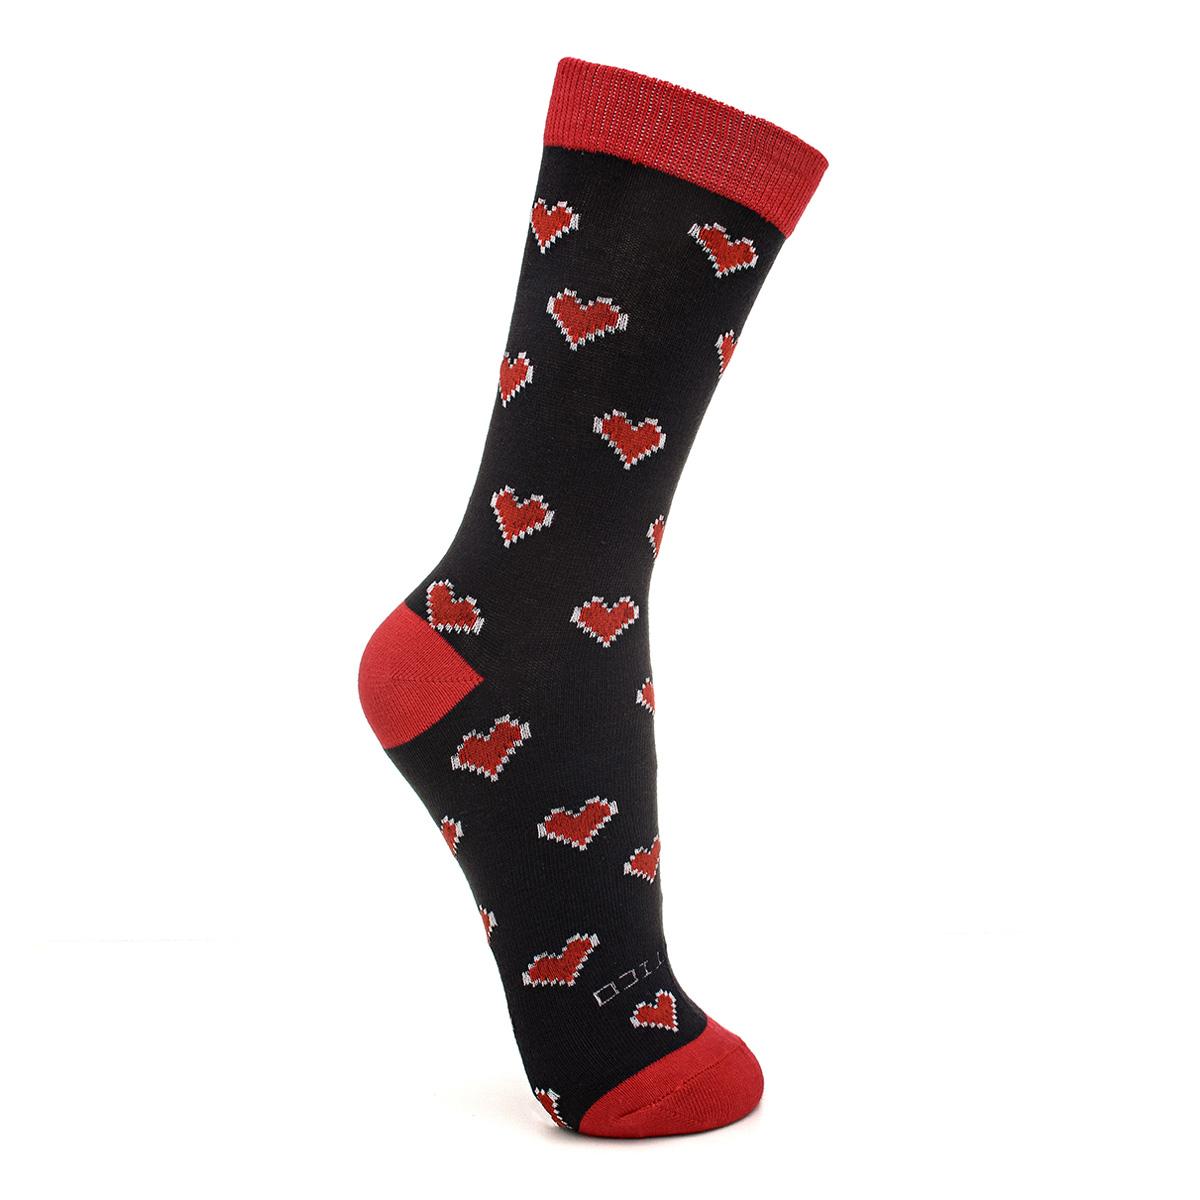 Meia cano longo preta e vermelha com corações Quântico